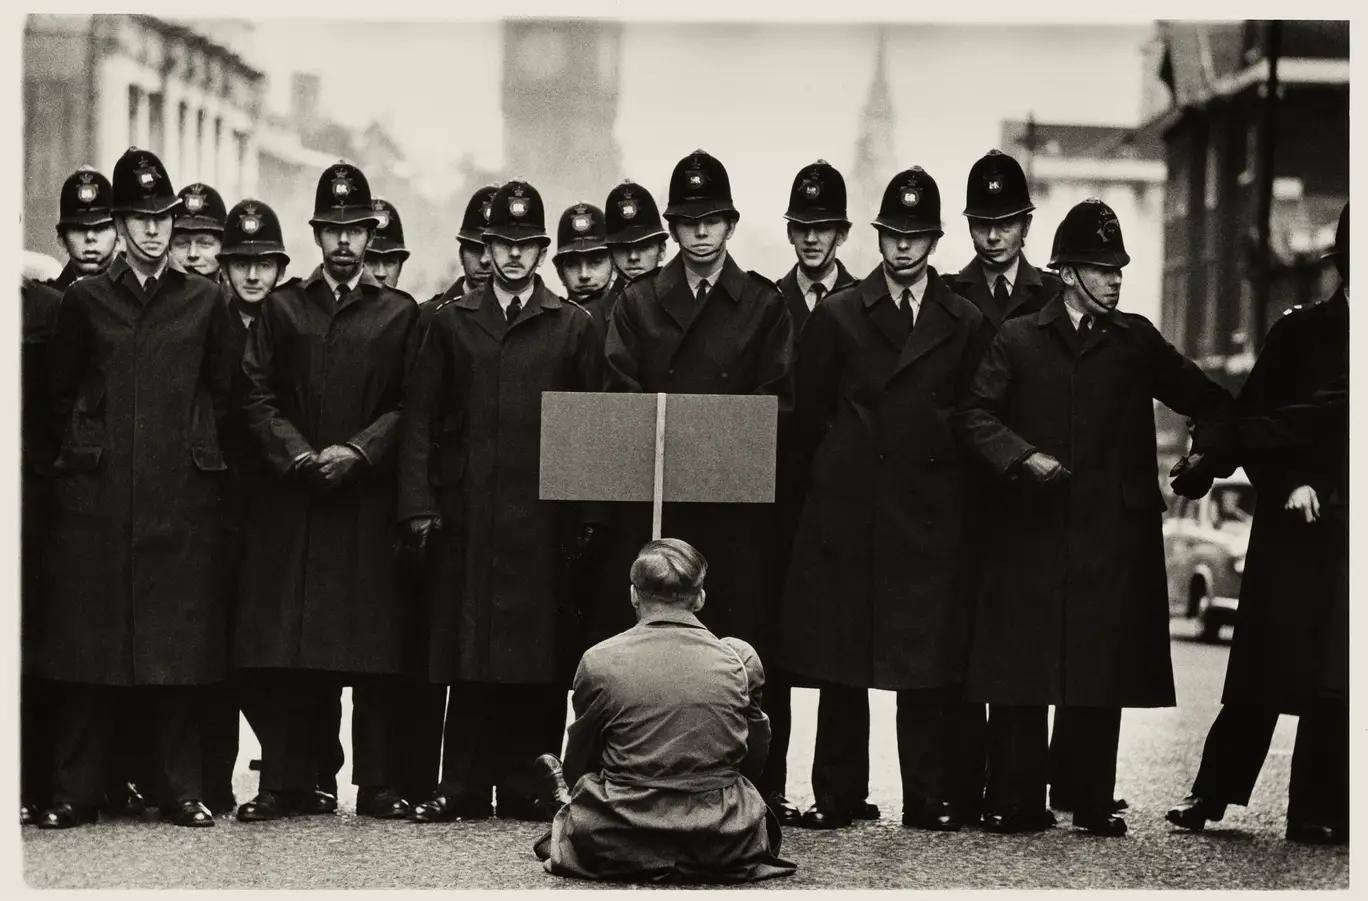 Una foto en blanco y negro de un solo manifestante sentado frente a una línea de la policía, del famoso fotógrafo Don McCullin